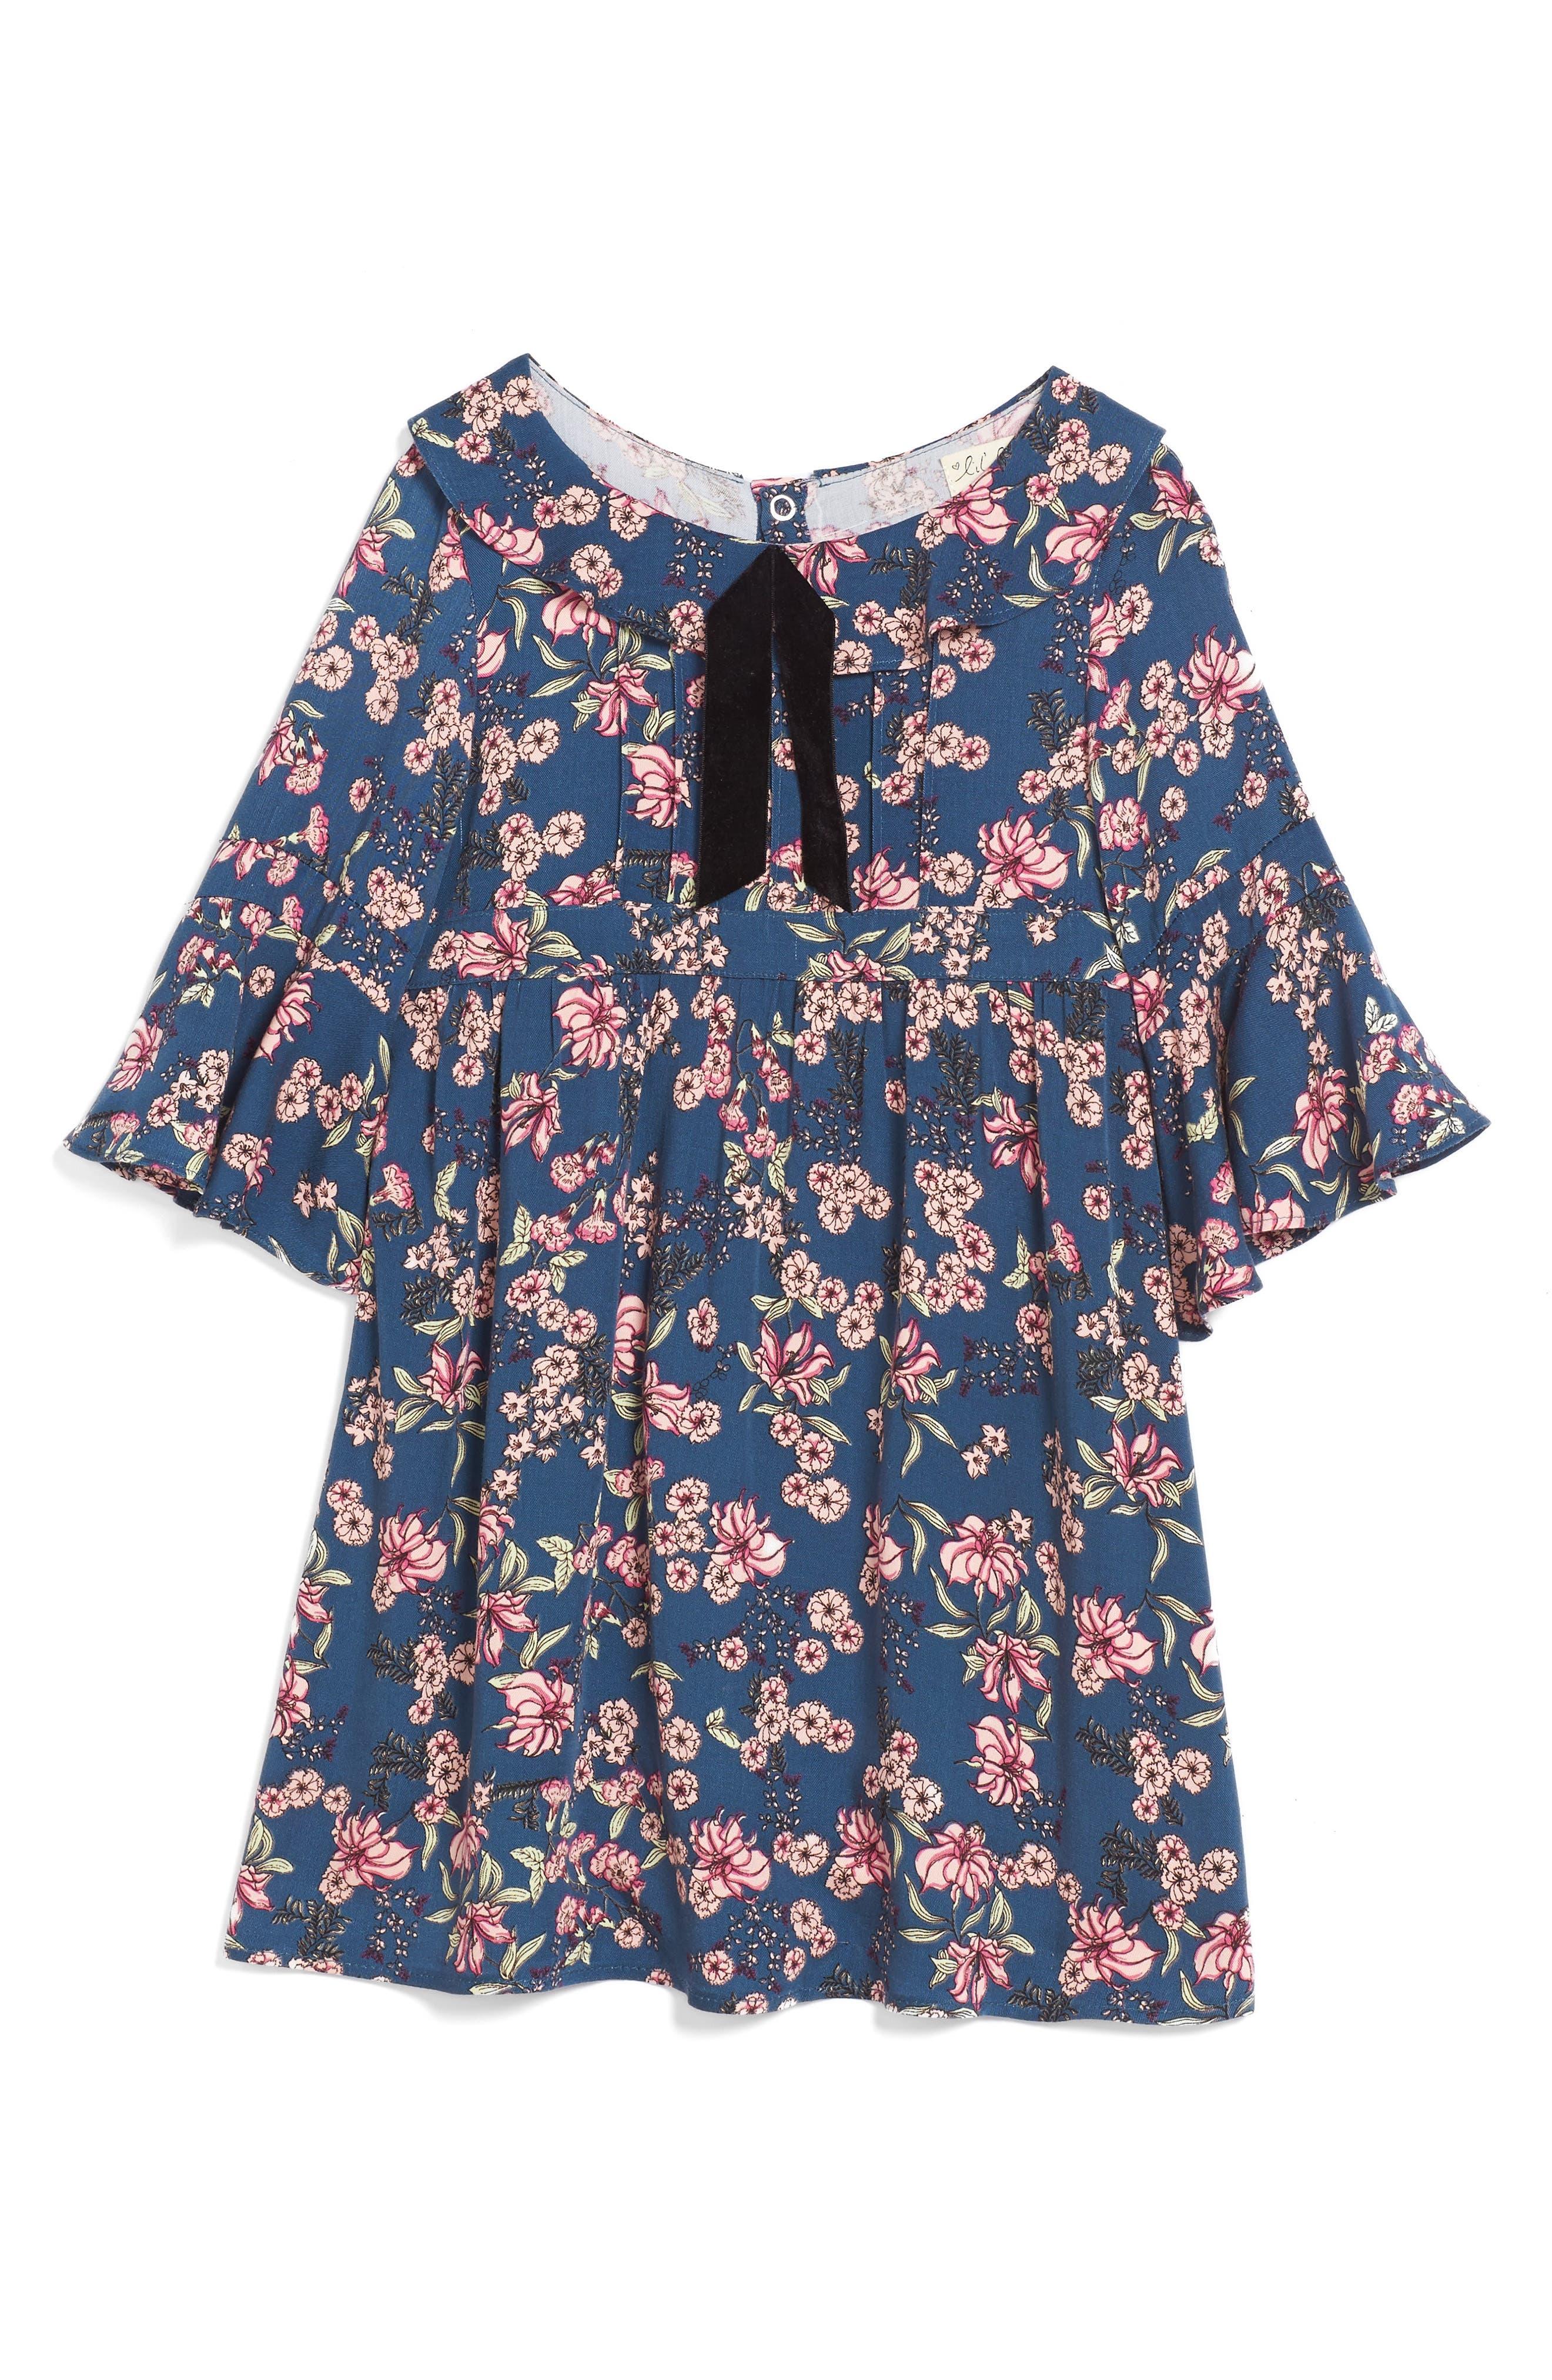 For Love & Lemons Juniper Floral Bell Sleeve Dress,                             Main thumbnail 1, color,                             410